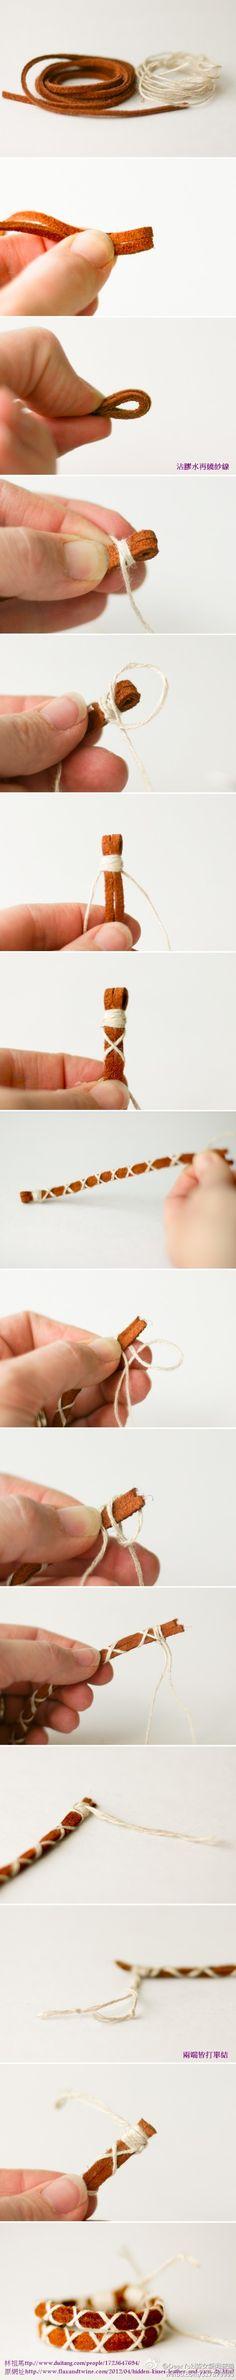 森女手链DIY 来自大西瓜瓜在堆糖网的分享 - via http://bit.ly/epinner